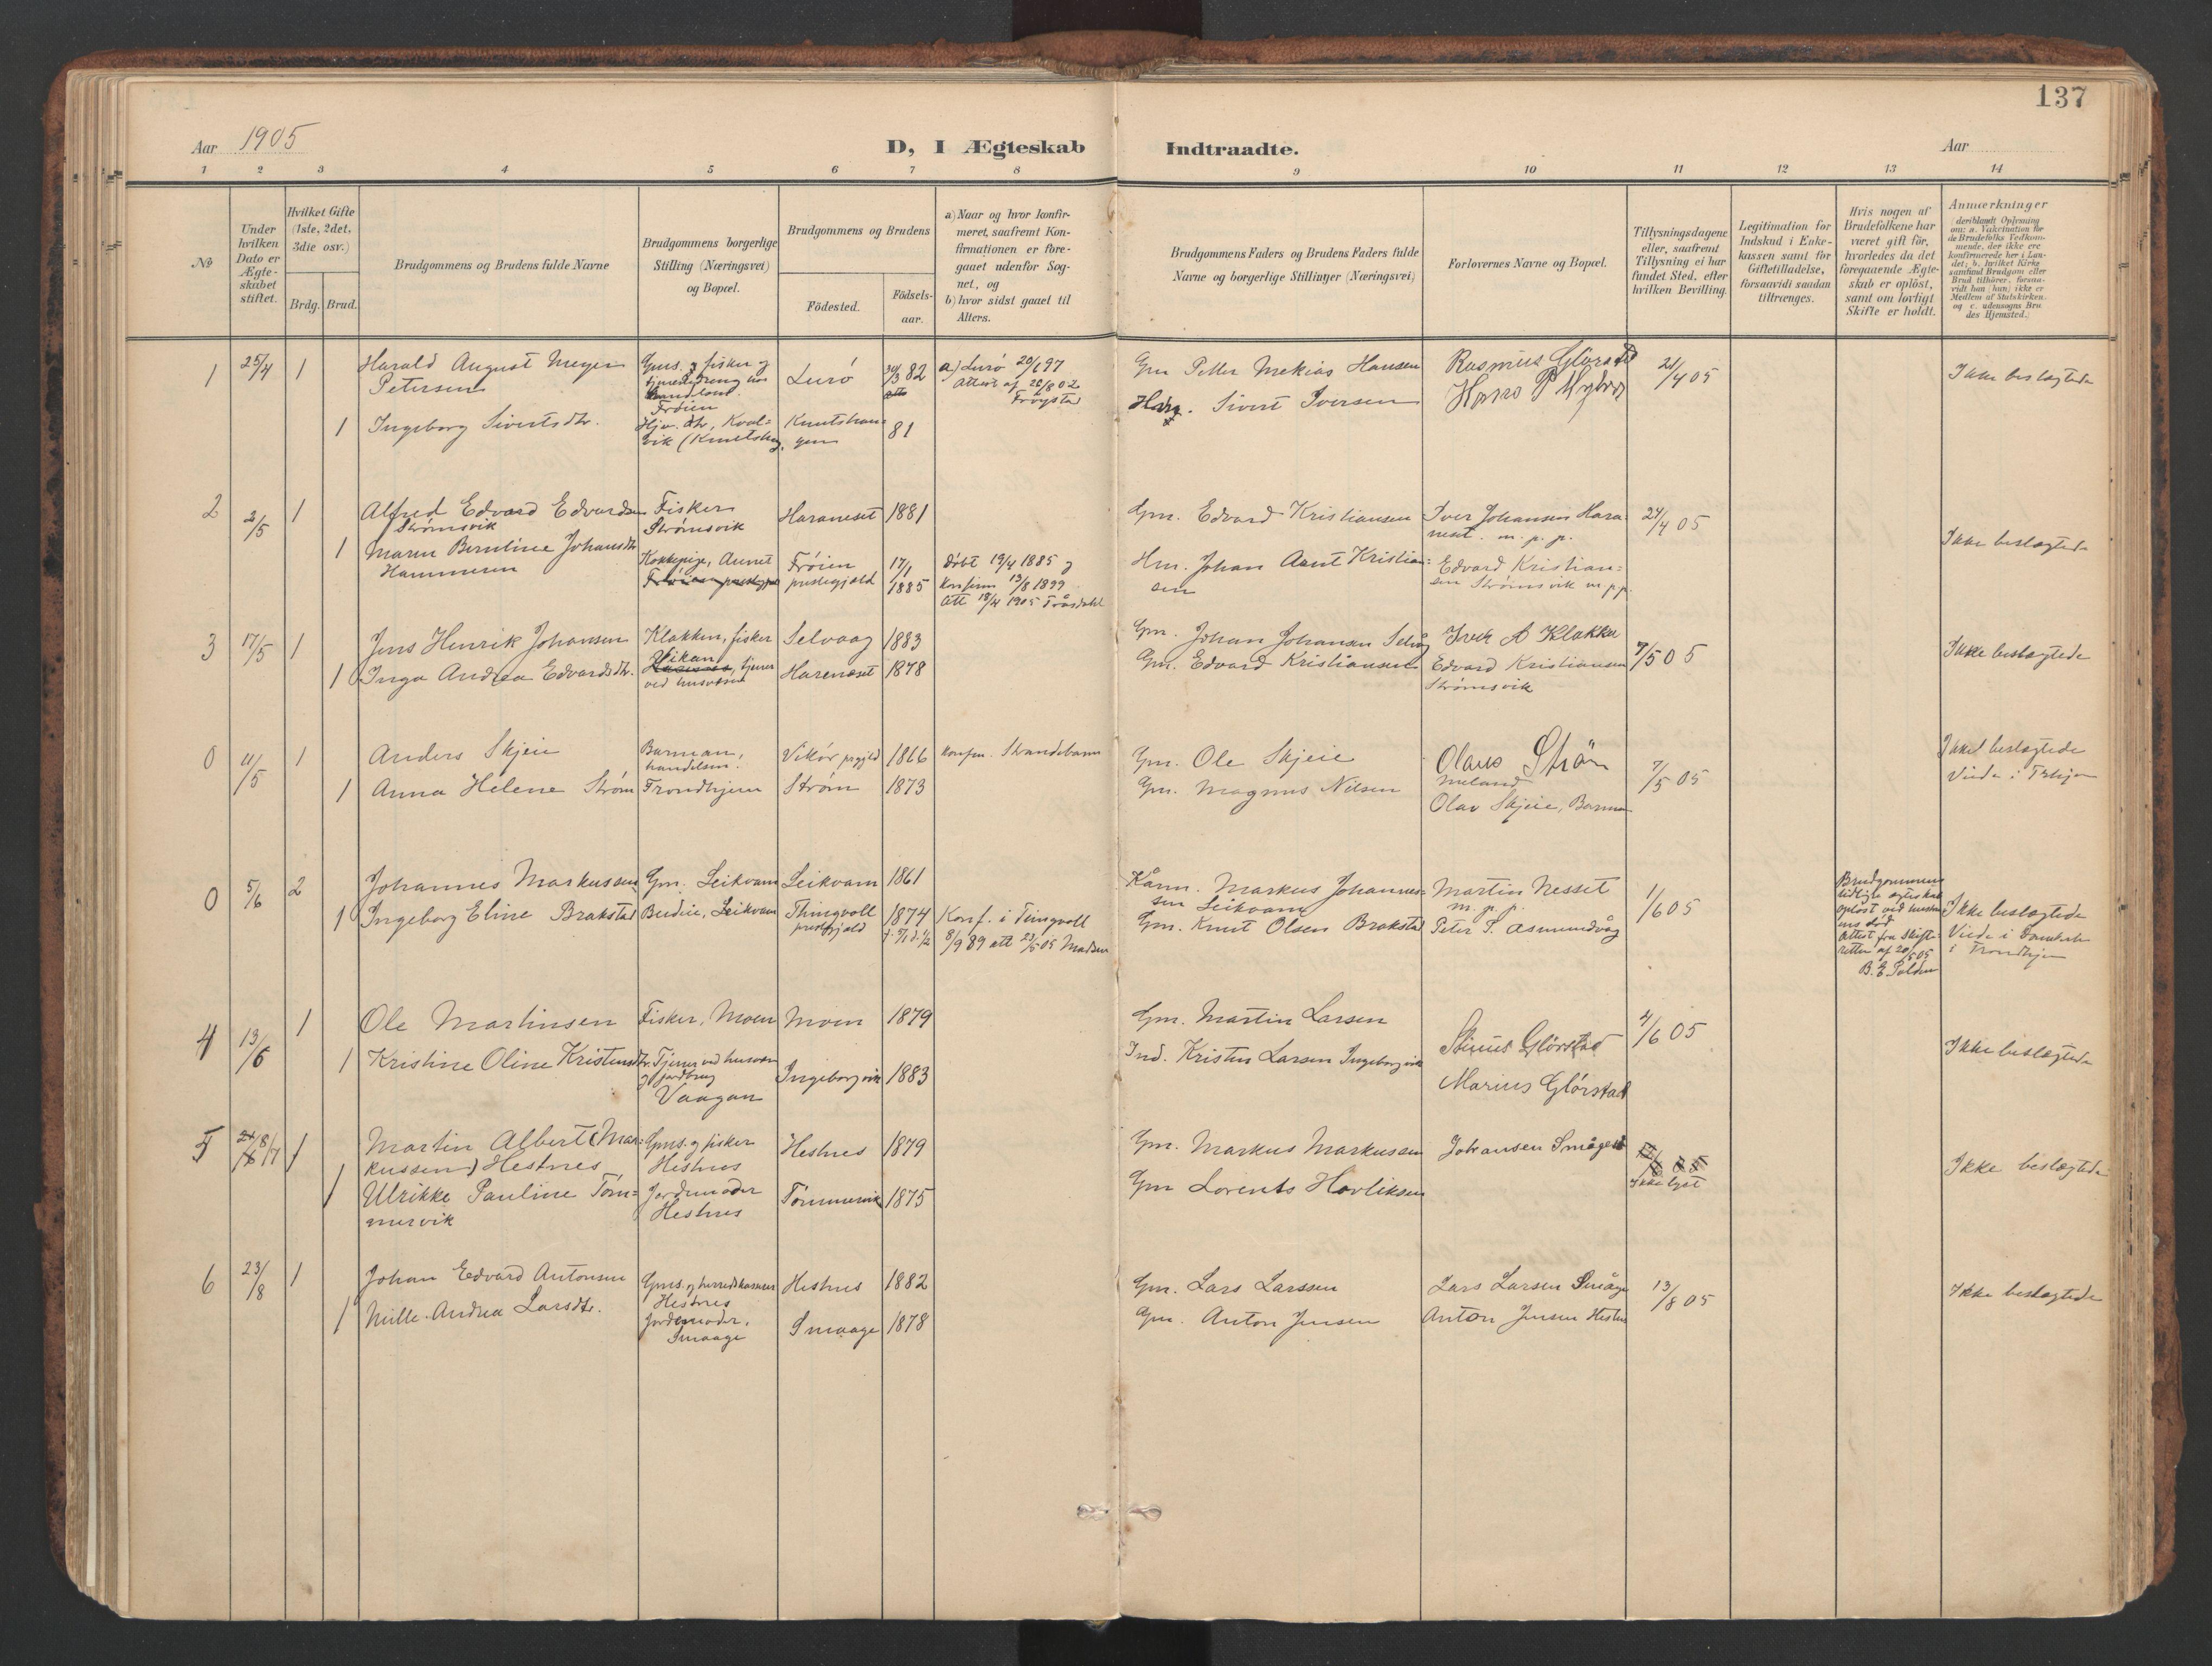 SAT, Ministerialprotokoller, klokkerbøker og fødselsregistre - Sør-Trøndelag, 634/L0537: Ministerialbok nr. 634A13, 1896-1922, s. 137